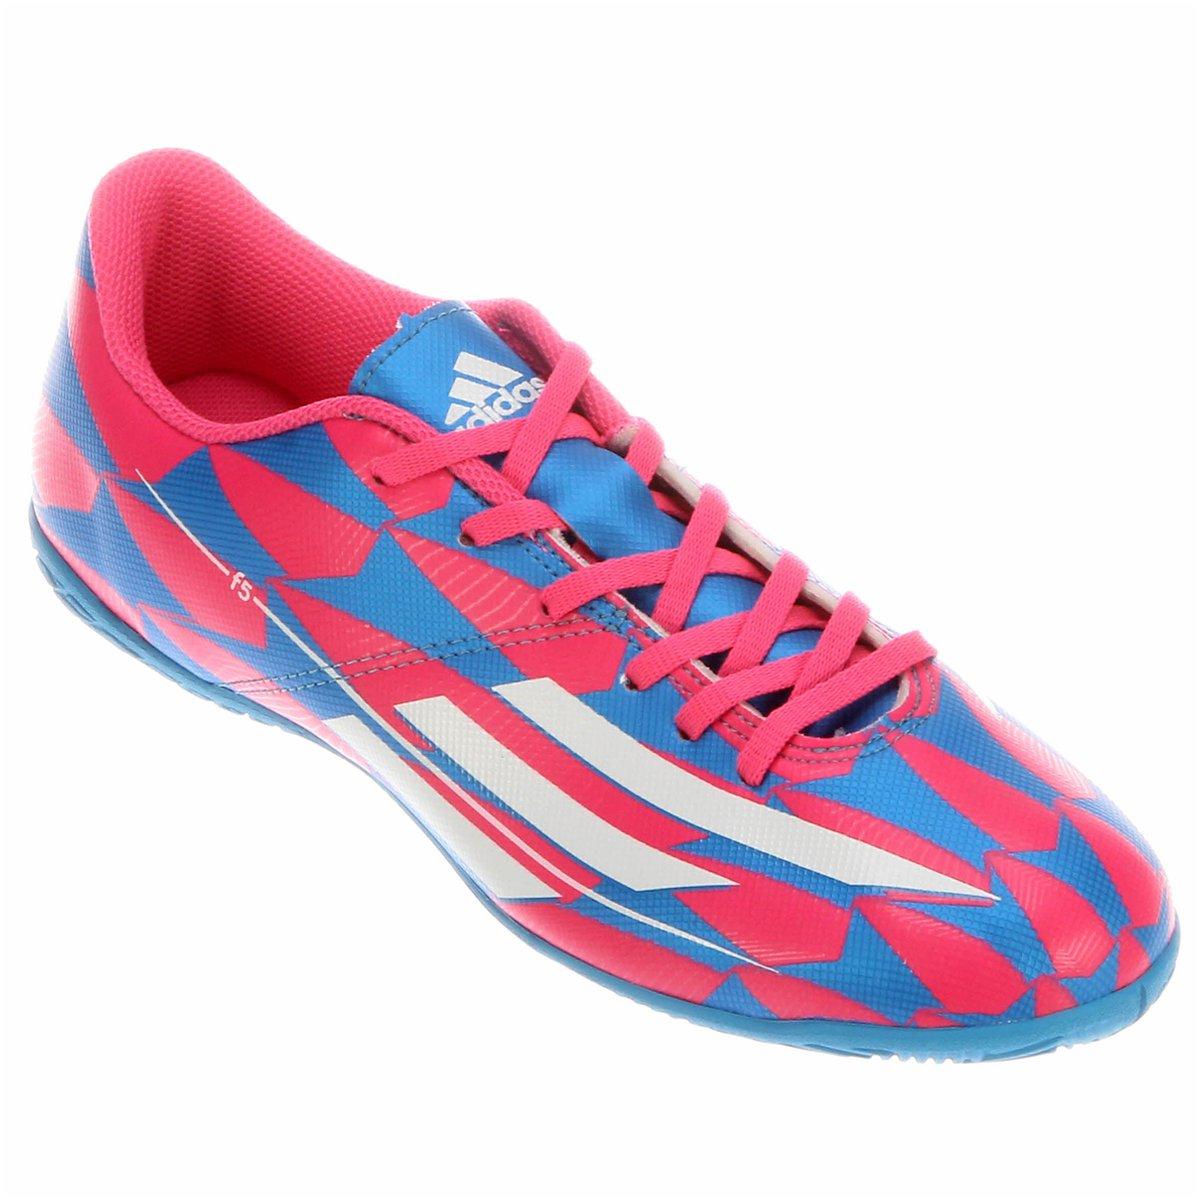 Chuteira Adidas F5 IN - Compre Agora  9dc69192b2a0e